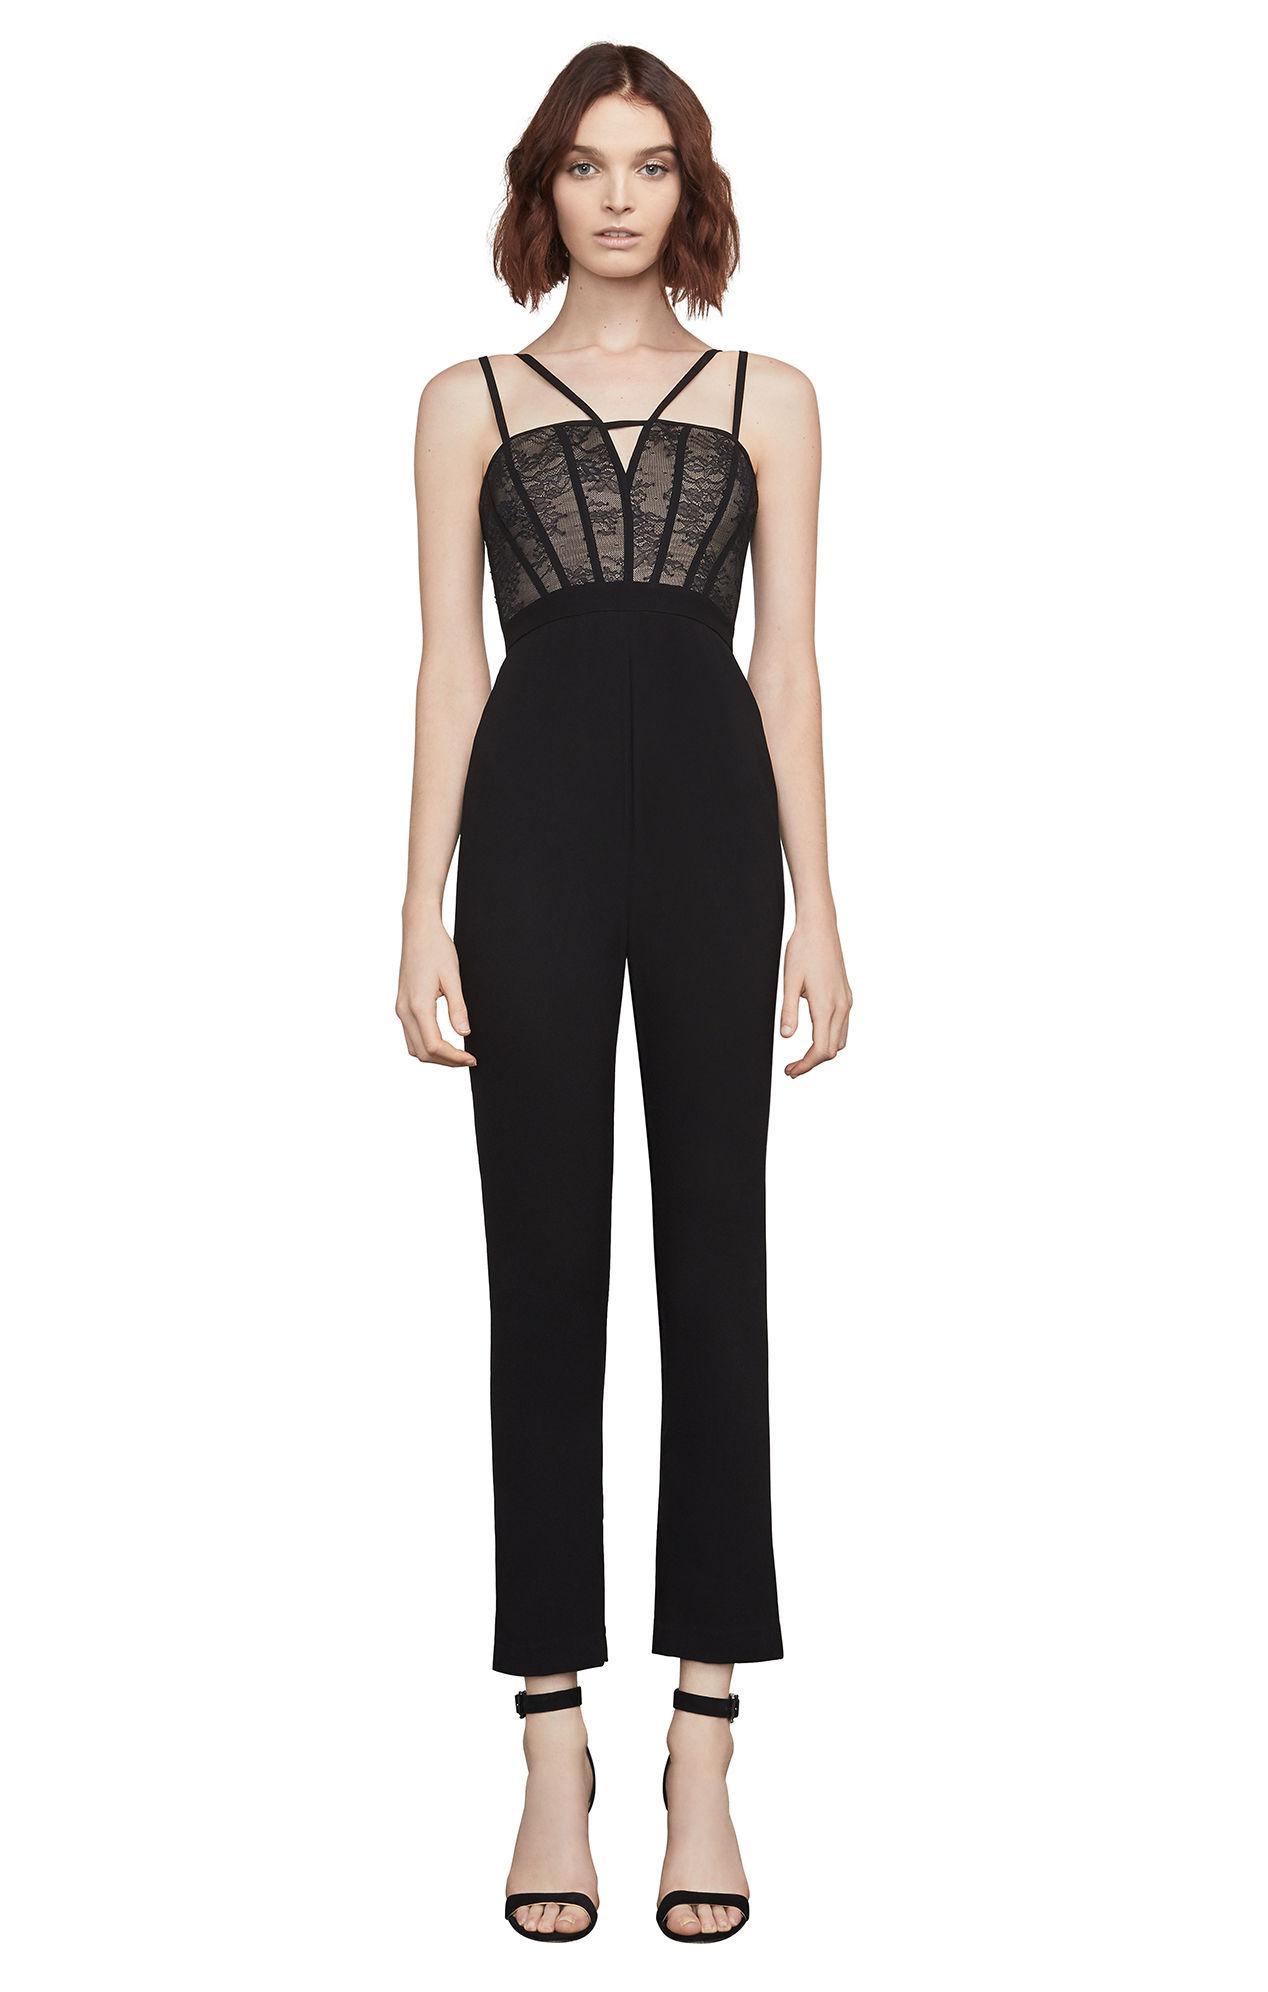 adea918276f Lyst - BCBGMAXAZRIA Bcbg Patrycia Lace-bodice Jumpsuit in Black